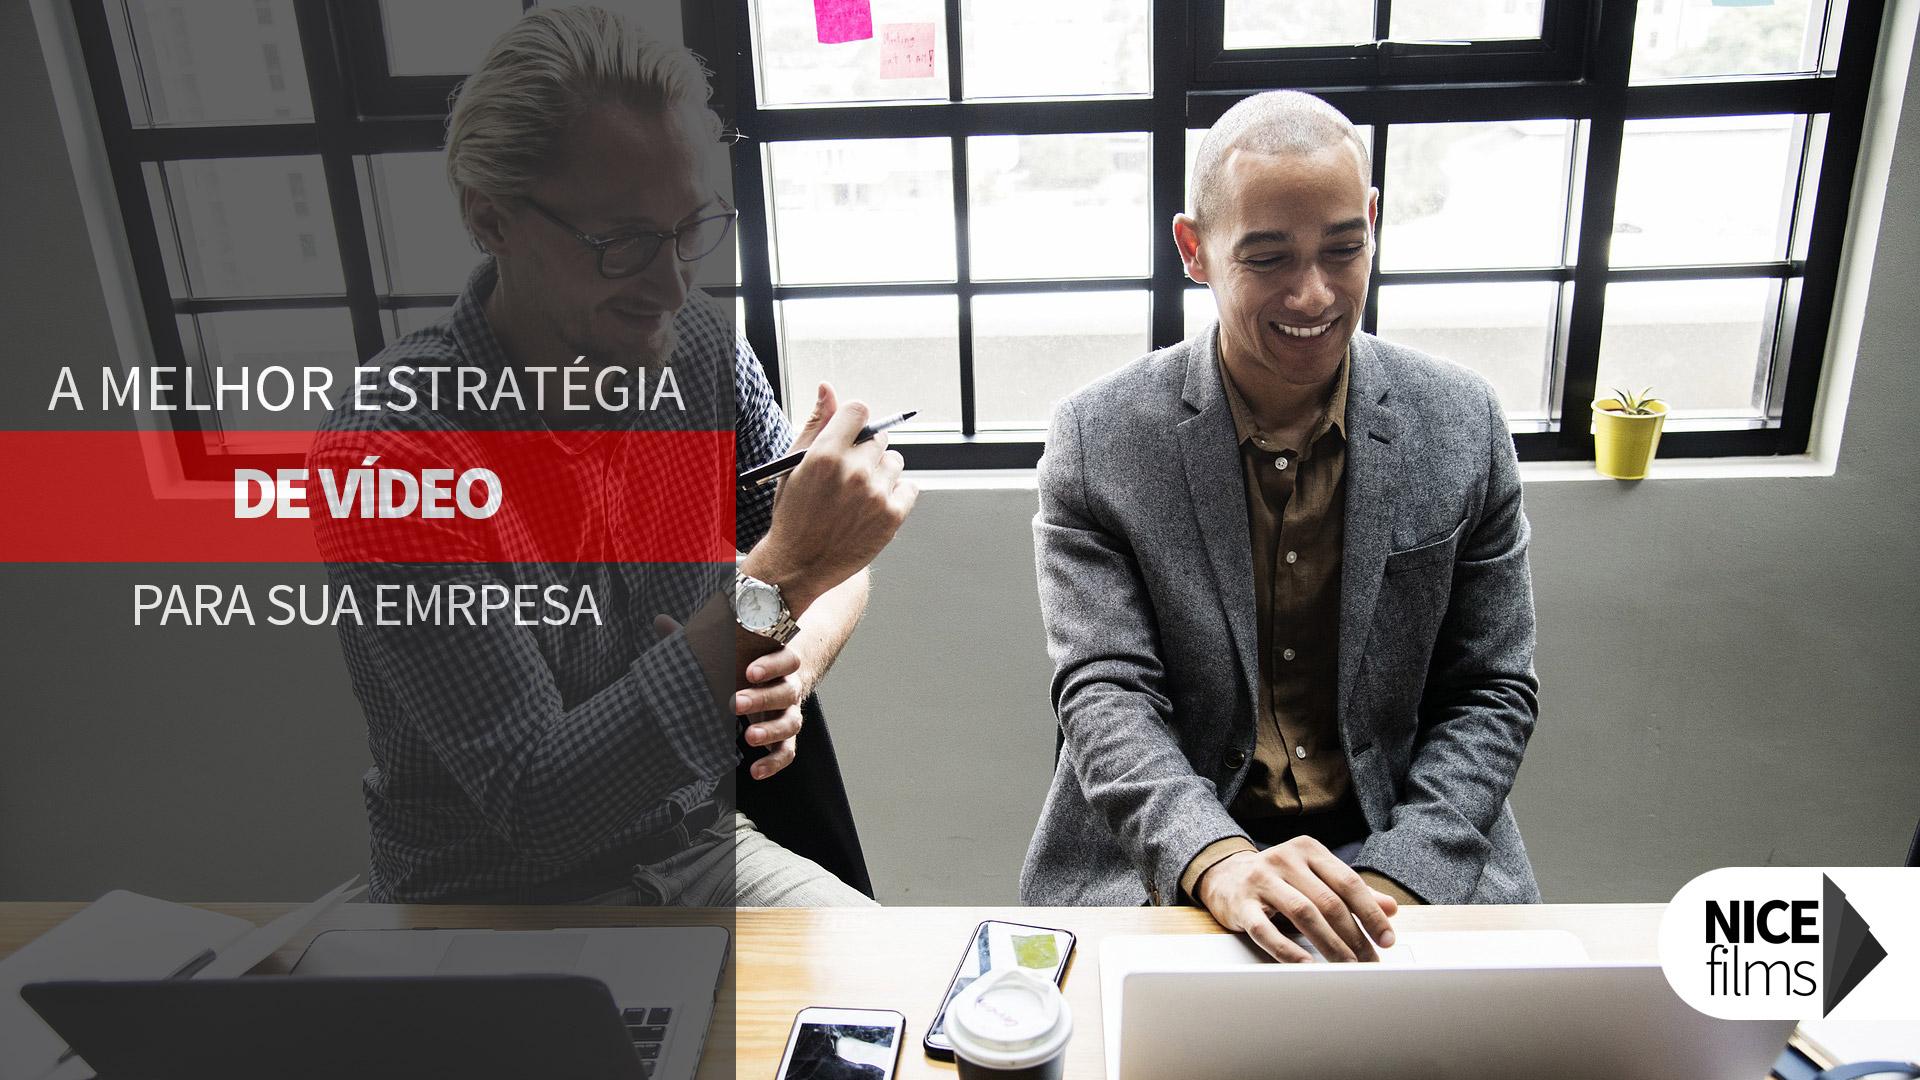 Melhor Estratégia de Vídeo